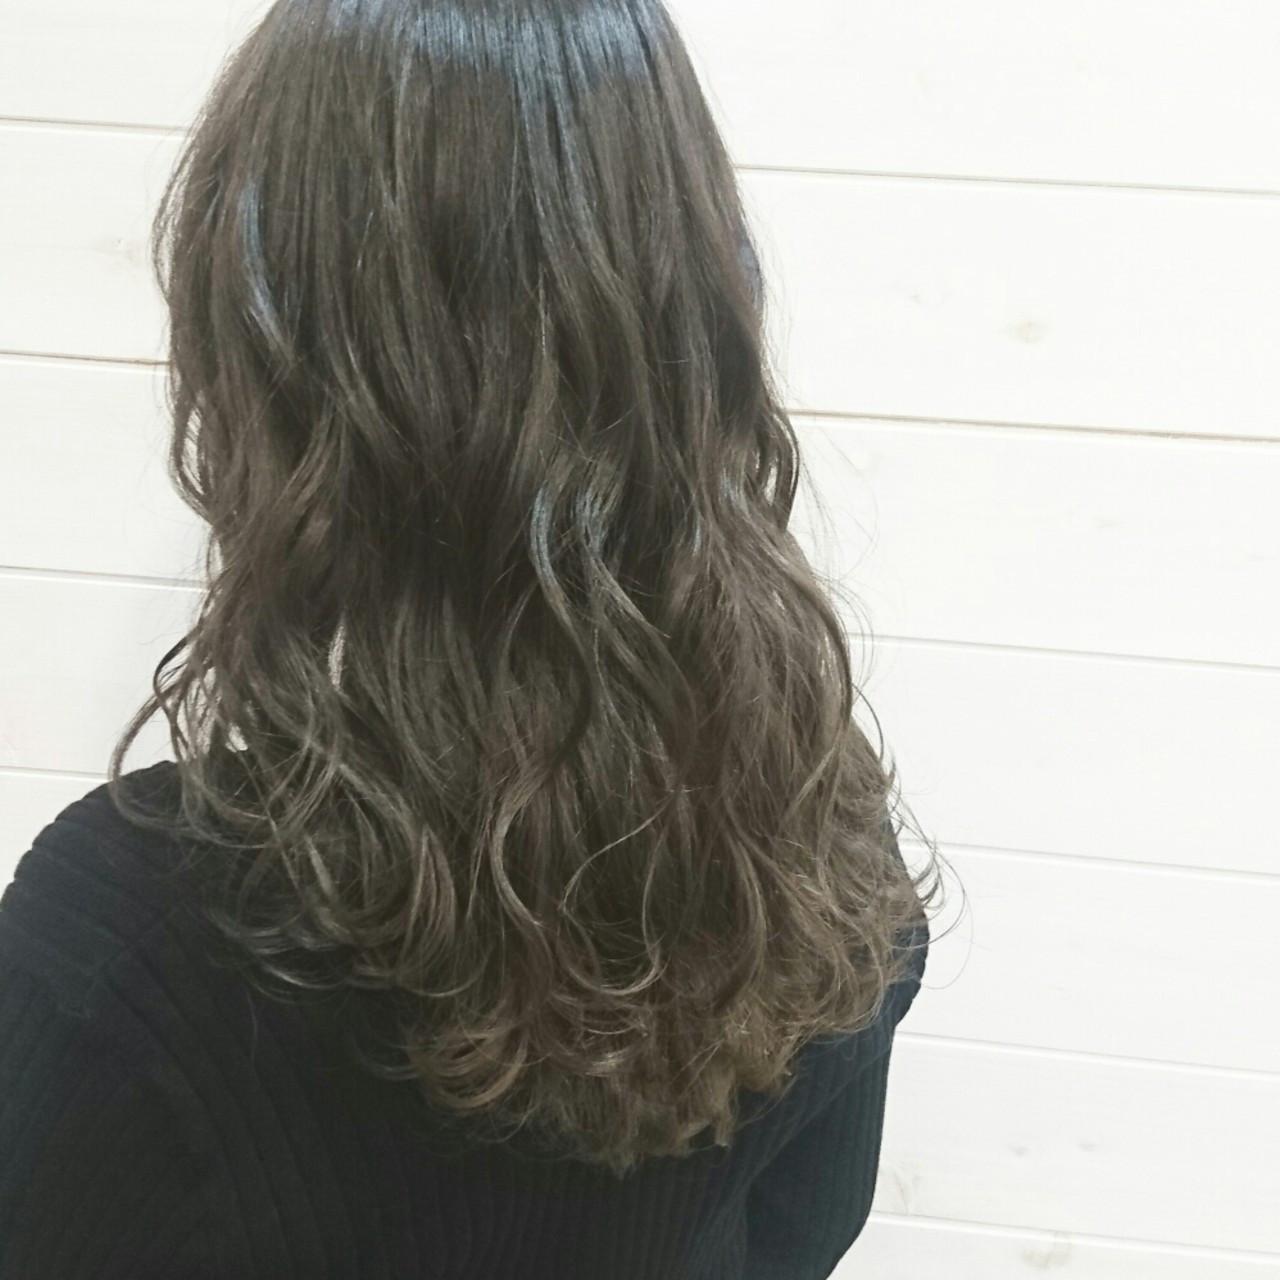 アッシュグレー ミディアム 外国人風 大人かわいい ヘアスタイルや髪型の写真・画像